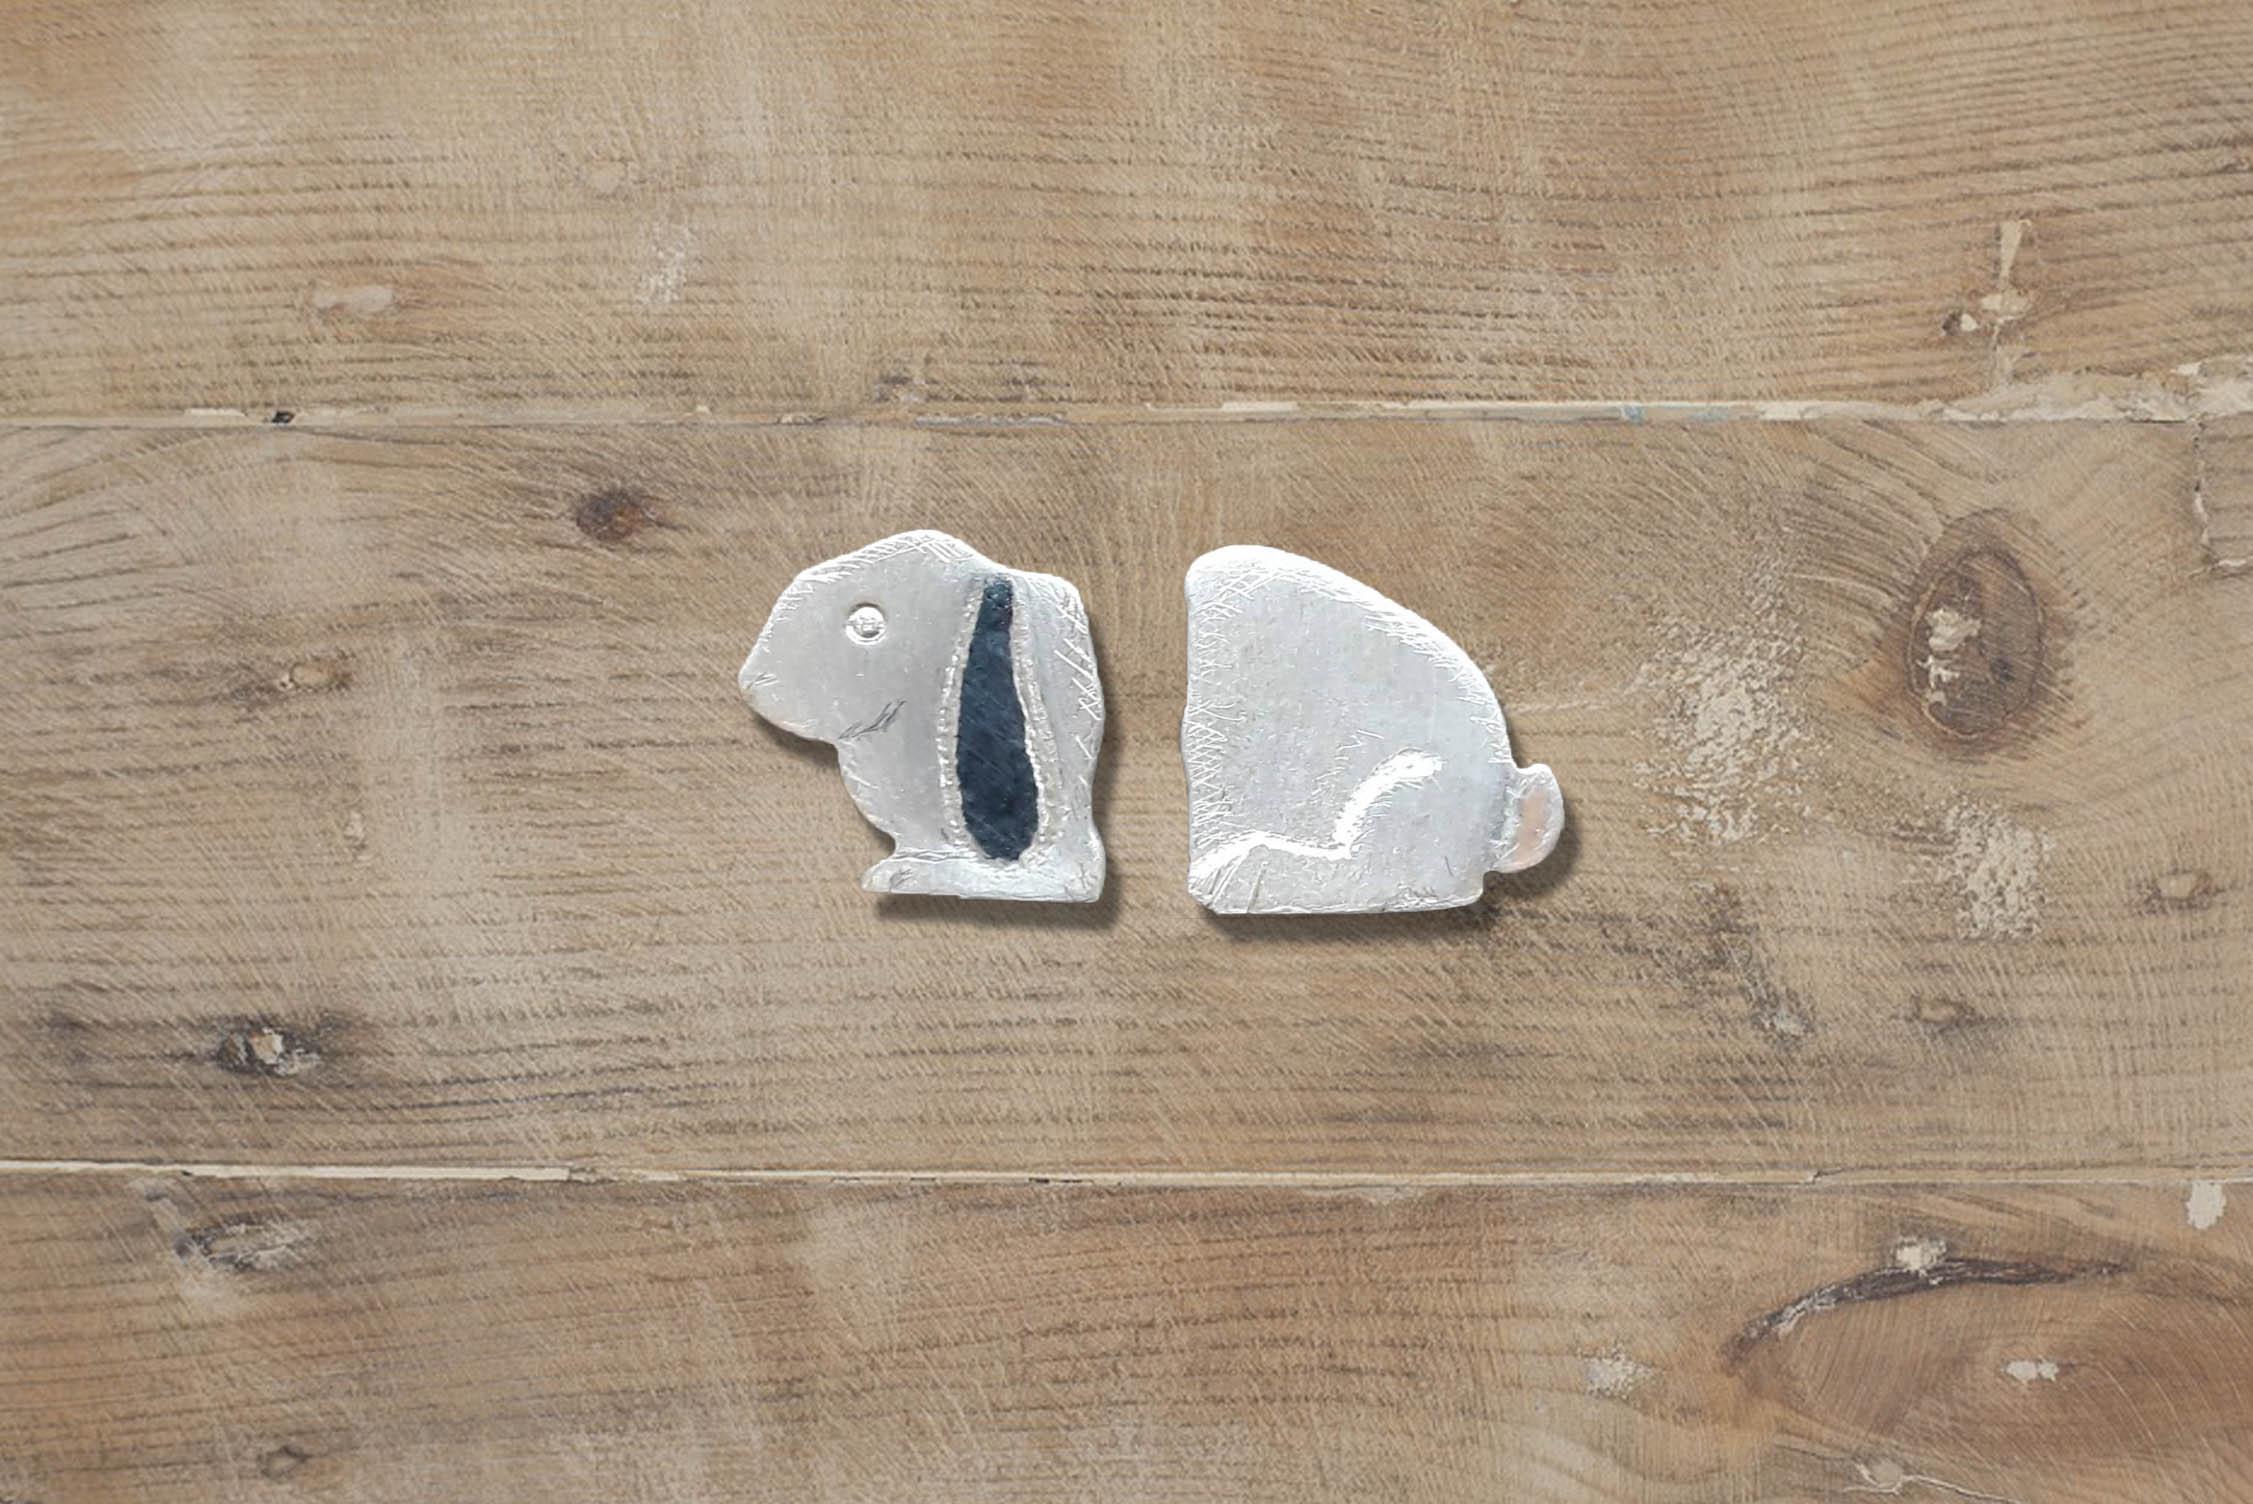 Park Road Jewellery, Bespoke Handmade Sterling Silver Bunny Lop Earred Rabbit Earrings Jewellery